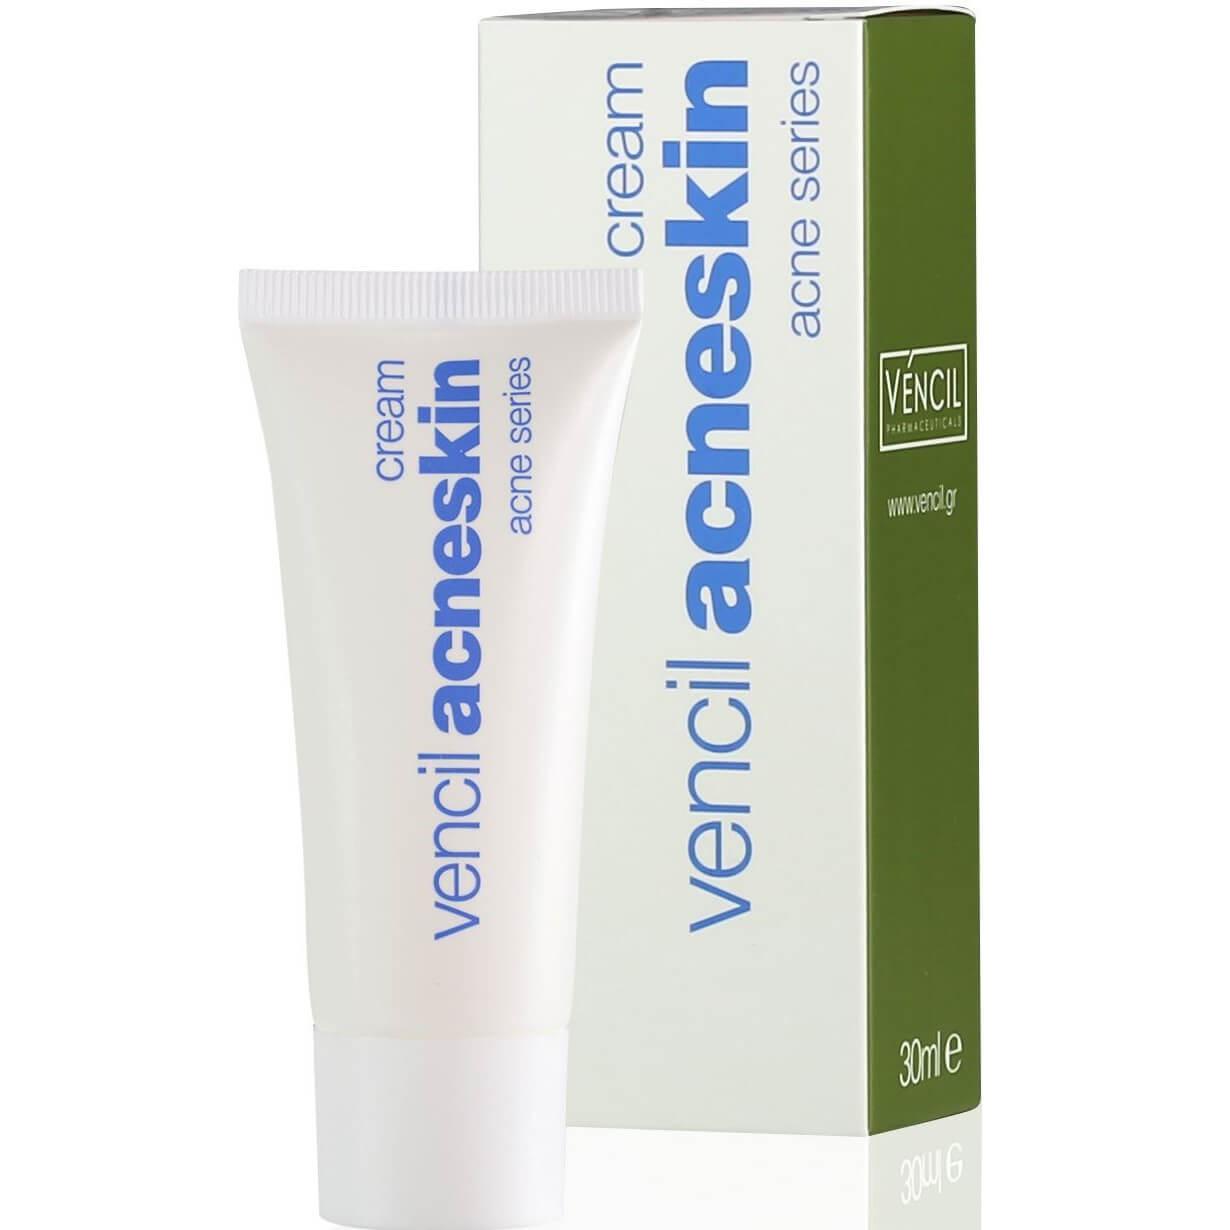 Vencil Acneskin CreamΚρέμα για Λιπαρά & Ακνεϊκά Δέρματα 30ml ομορφιά   δέρματα με ατέλειες στο πρόσωπο   ακνεϊκά δέρματα